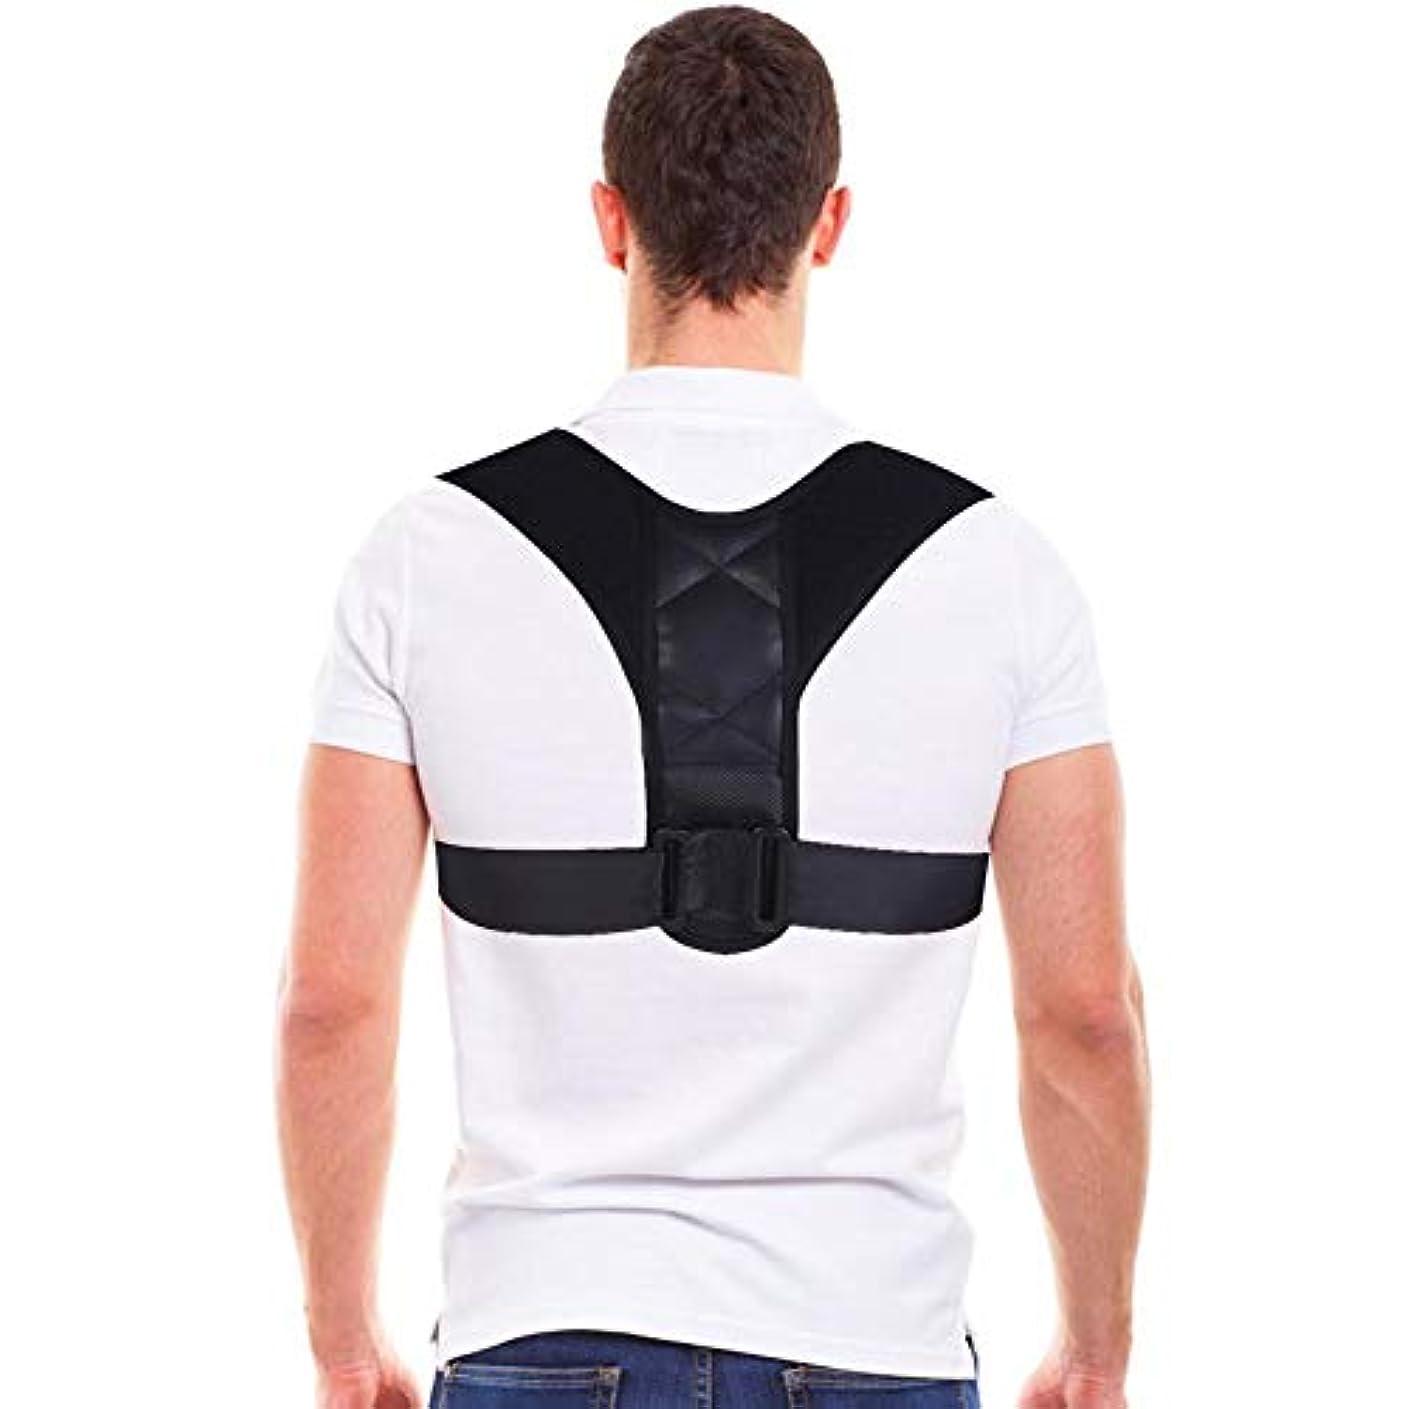 抽選無臭ターゲットコレクター姿勢バックサポートベルト、8字型デザインの調節可能な鎖骨装具バンド、男性と女性の姿勢、腰痛予防、腰痛予防